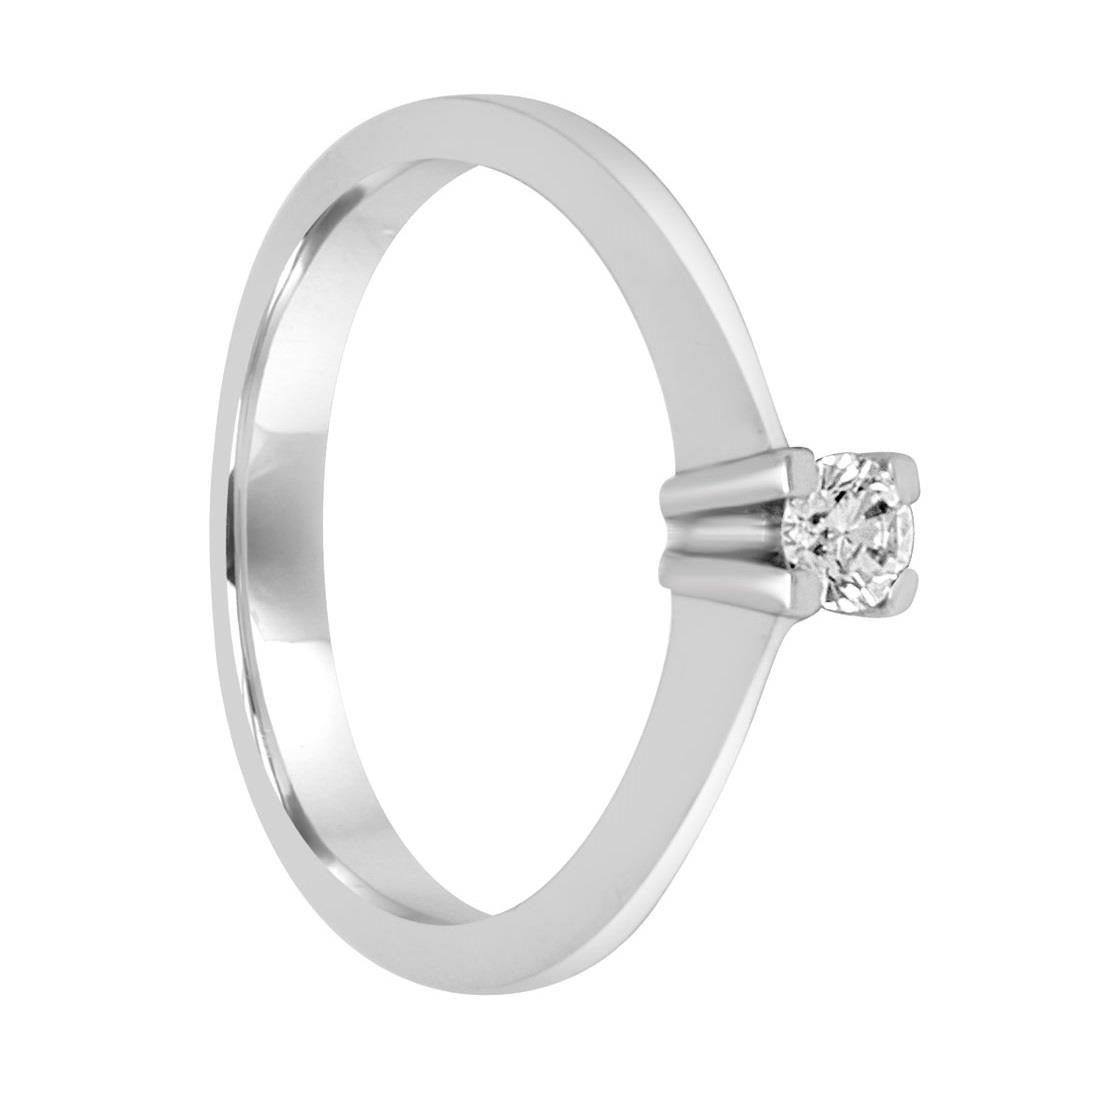 Anello solitario in oro bianco con diamante ct 0.15, misura 10,5 - ORO&CO